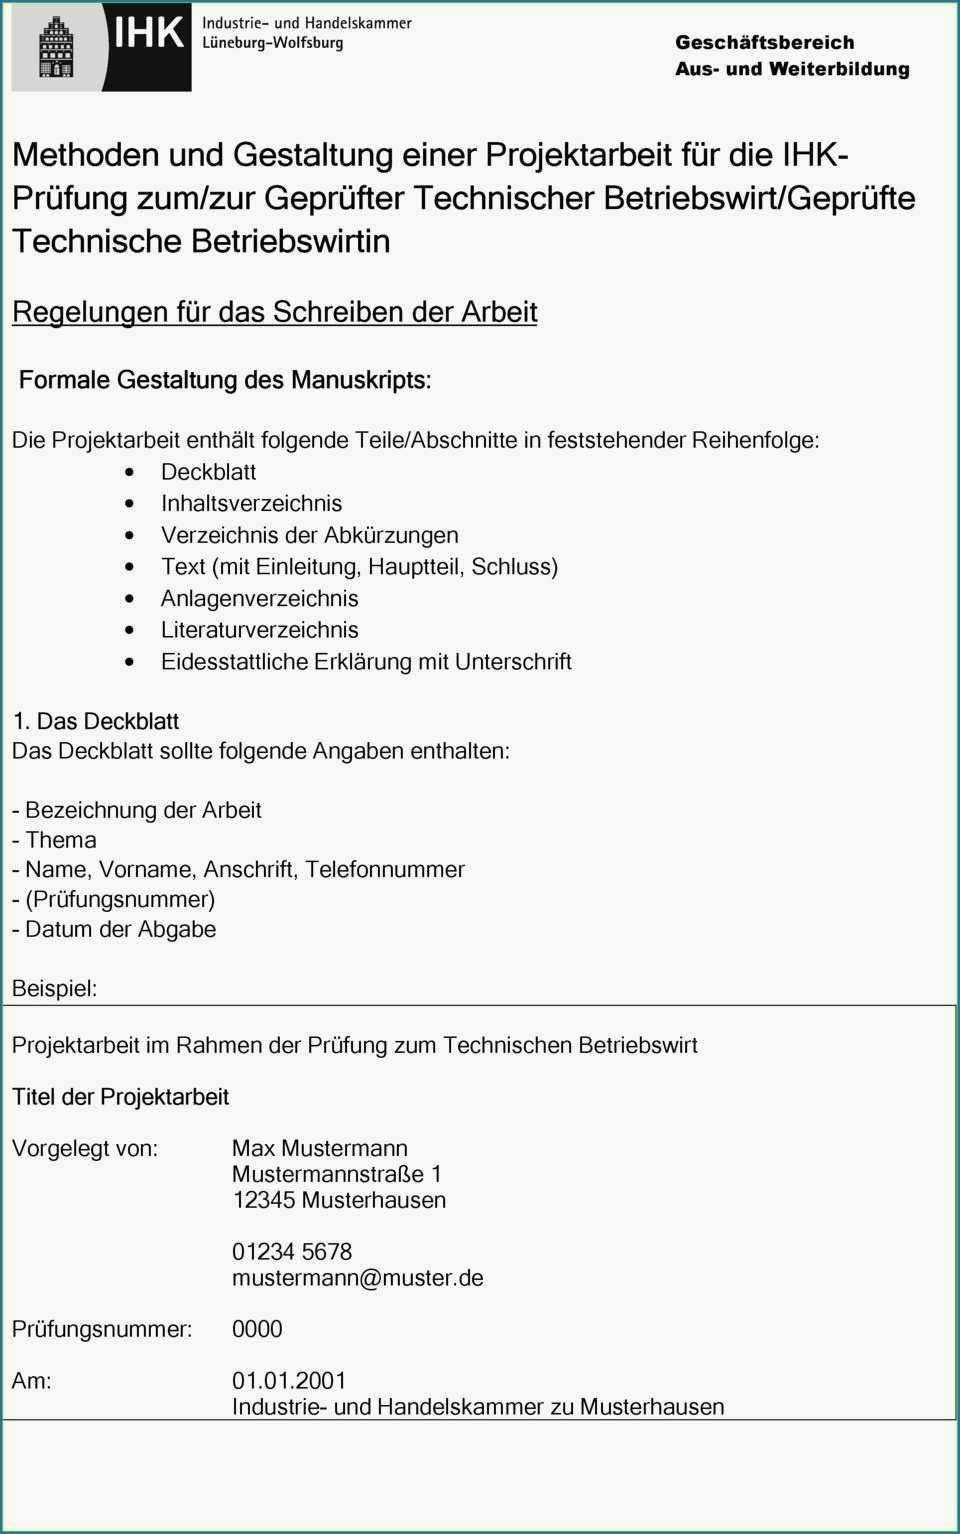 Projektarbeit Betriebswirt Ihk Muster Betriebswirt